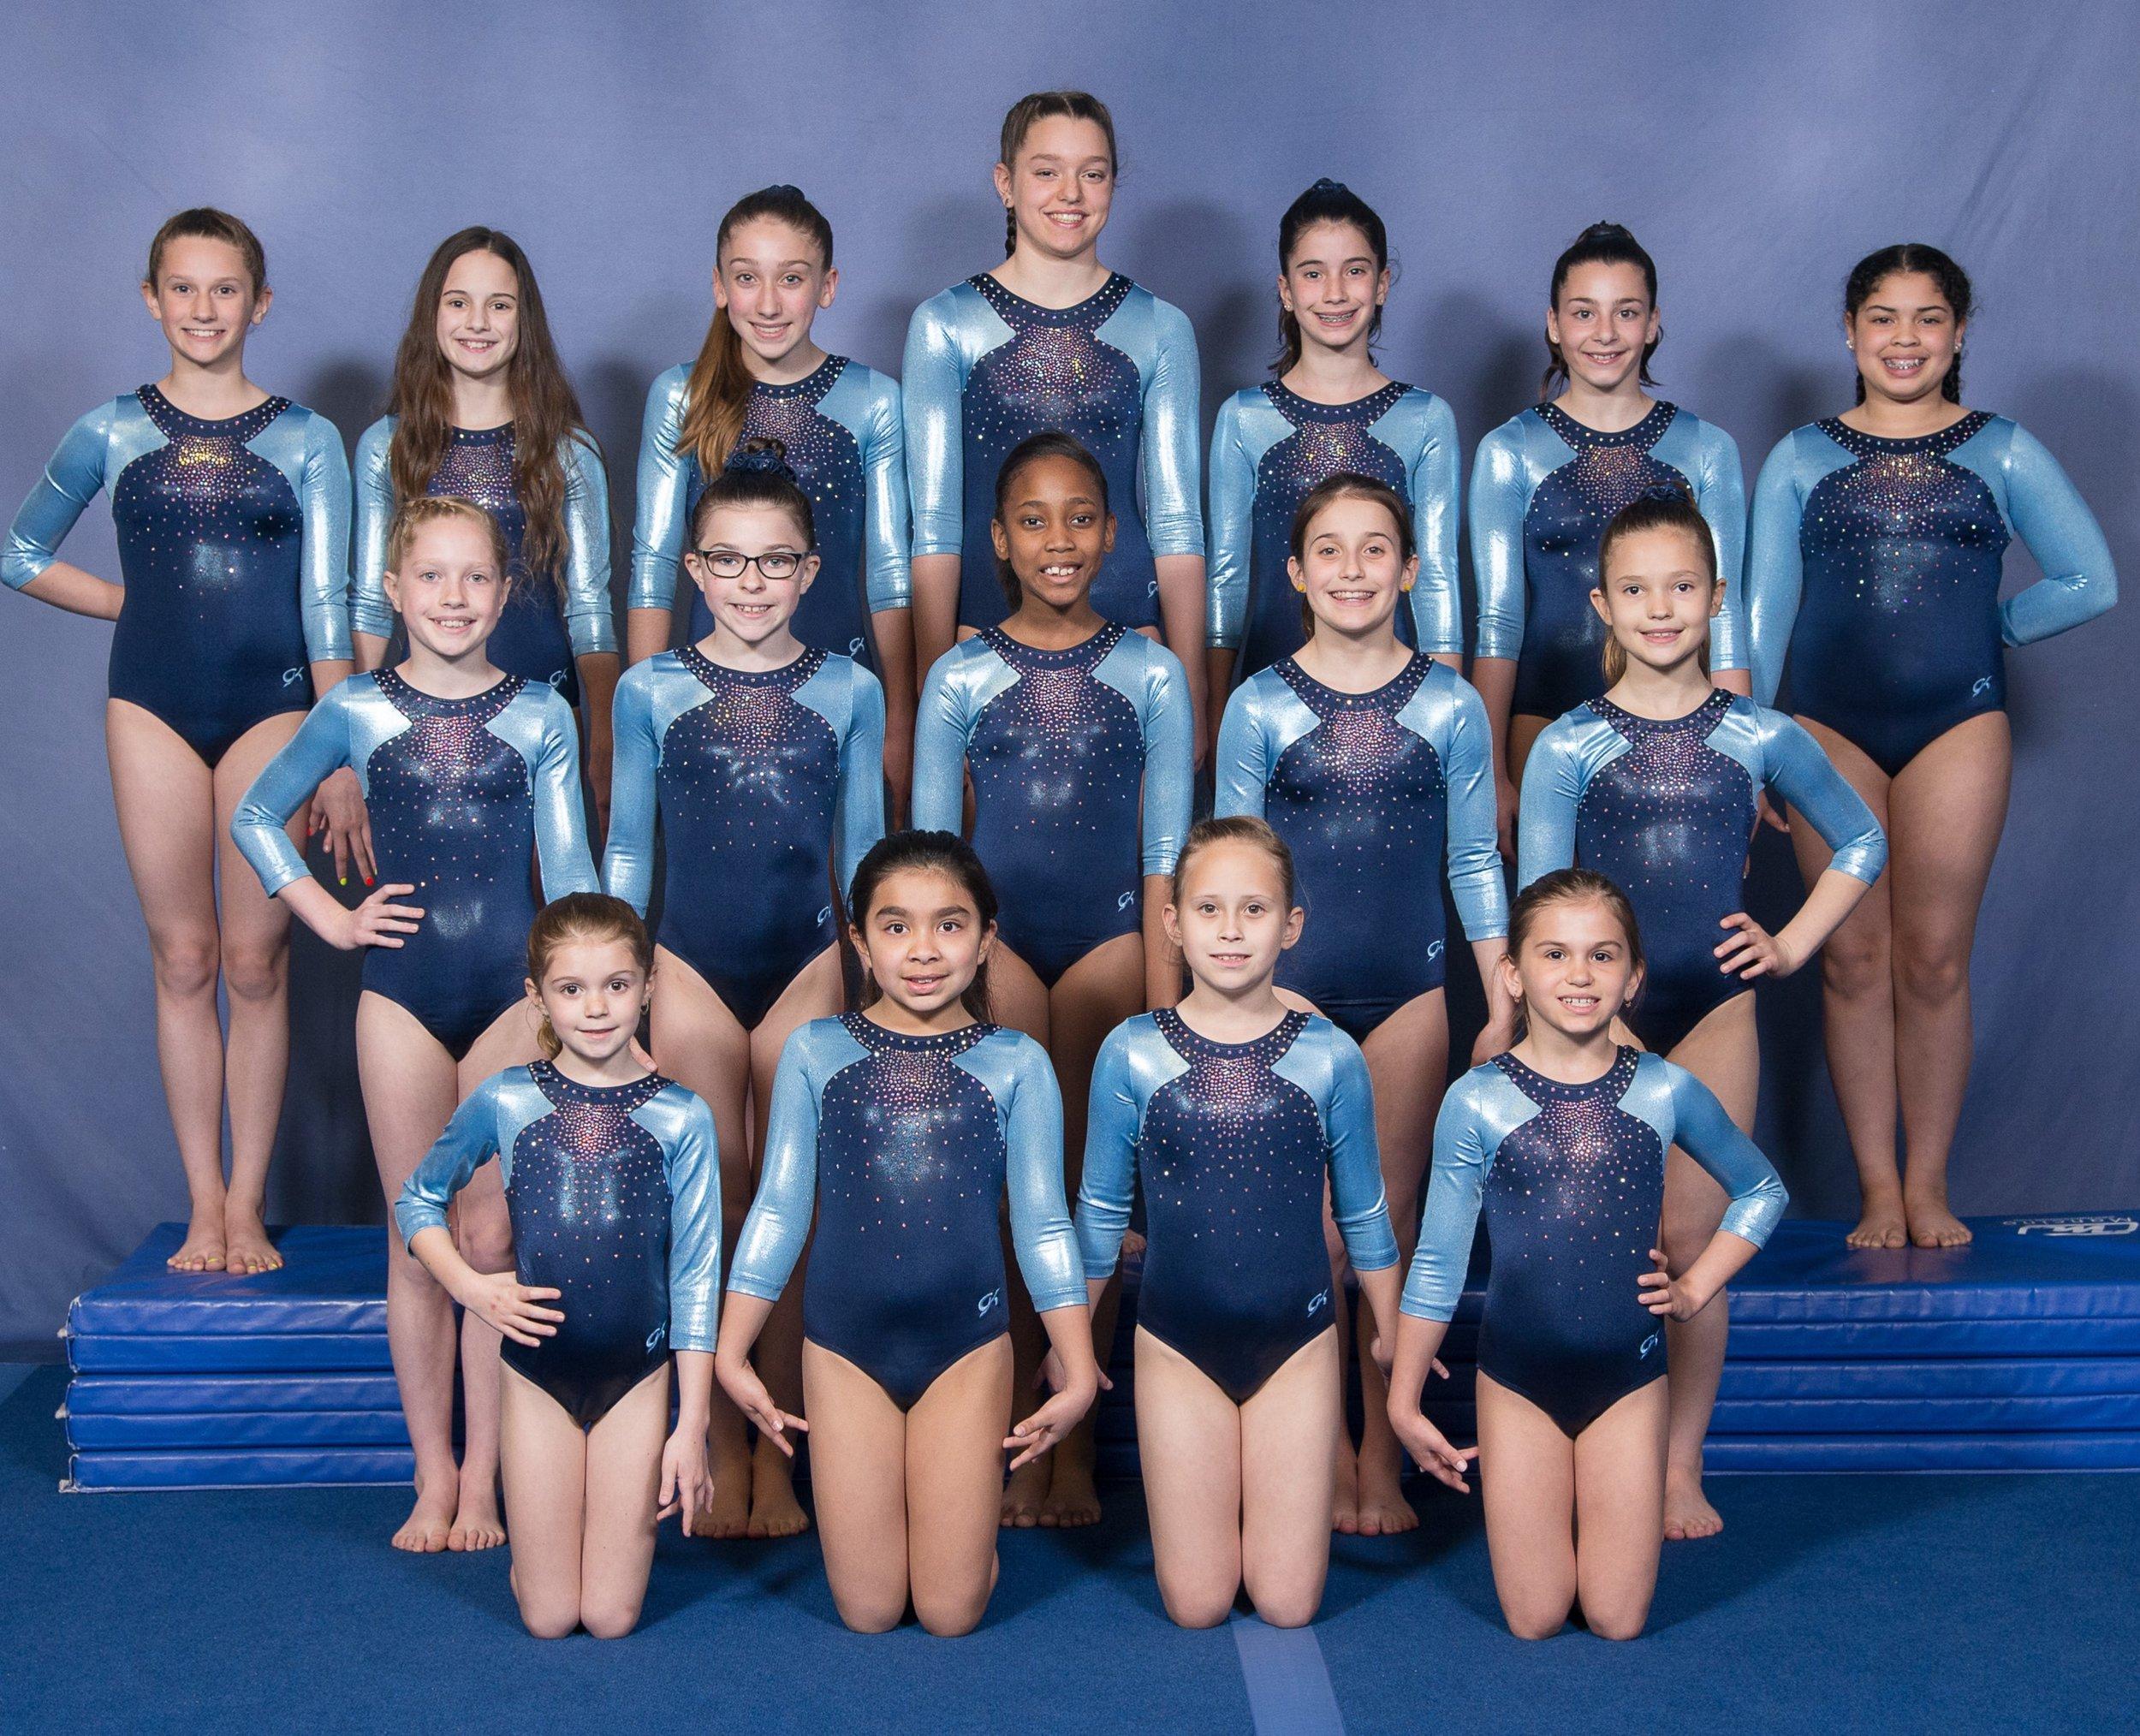 gymnastics team picture2019.jpg